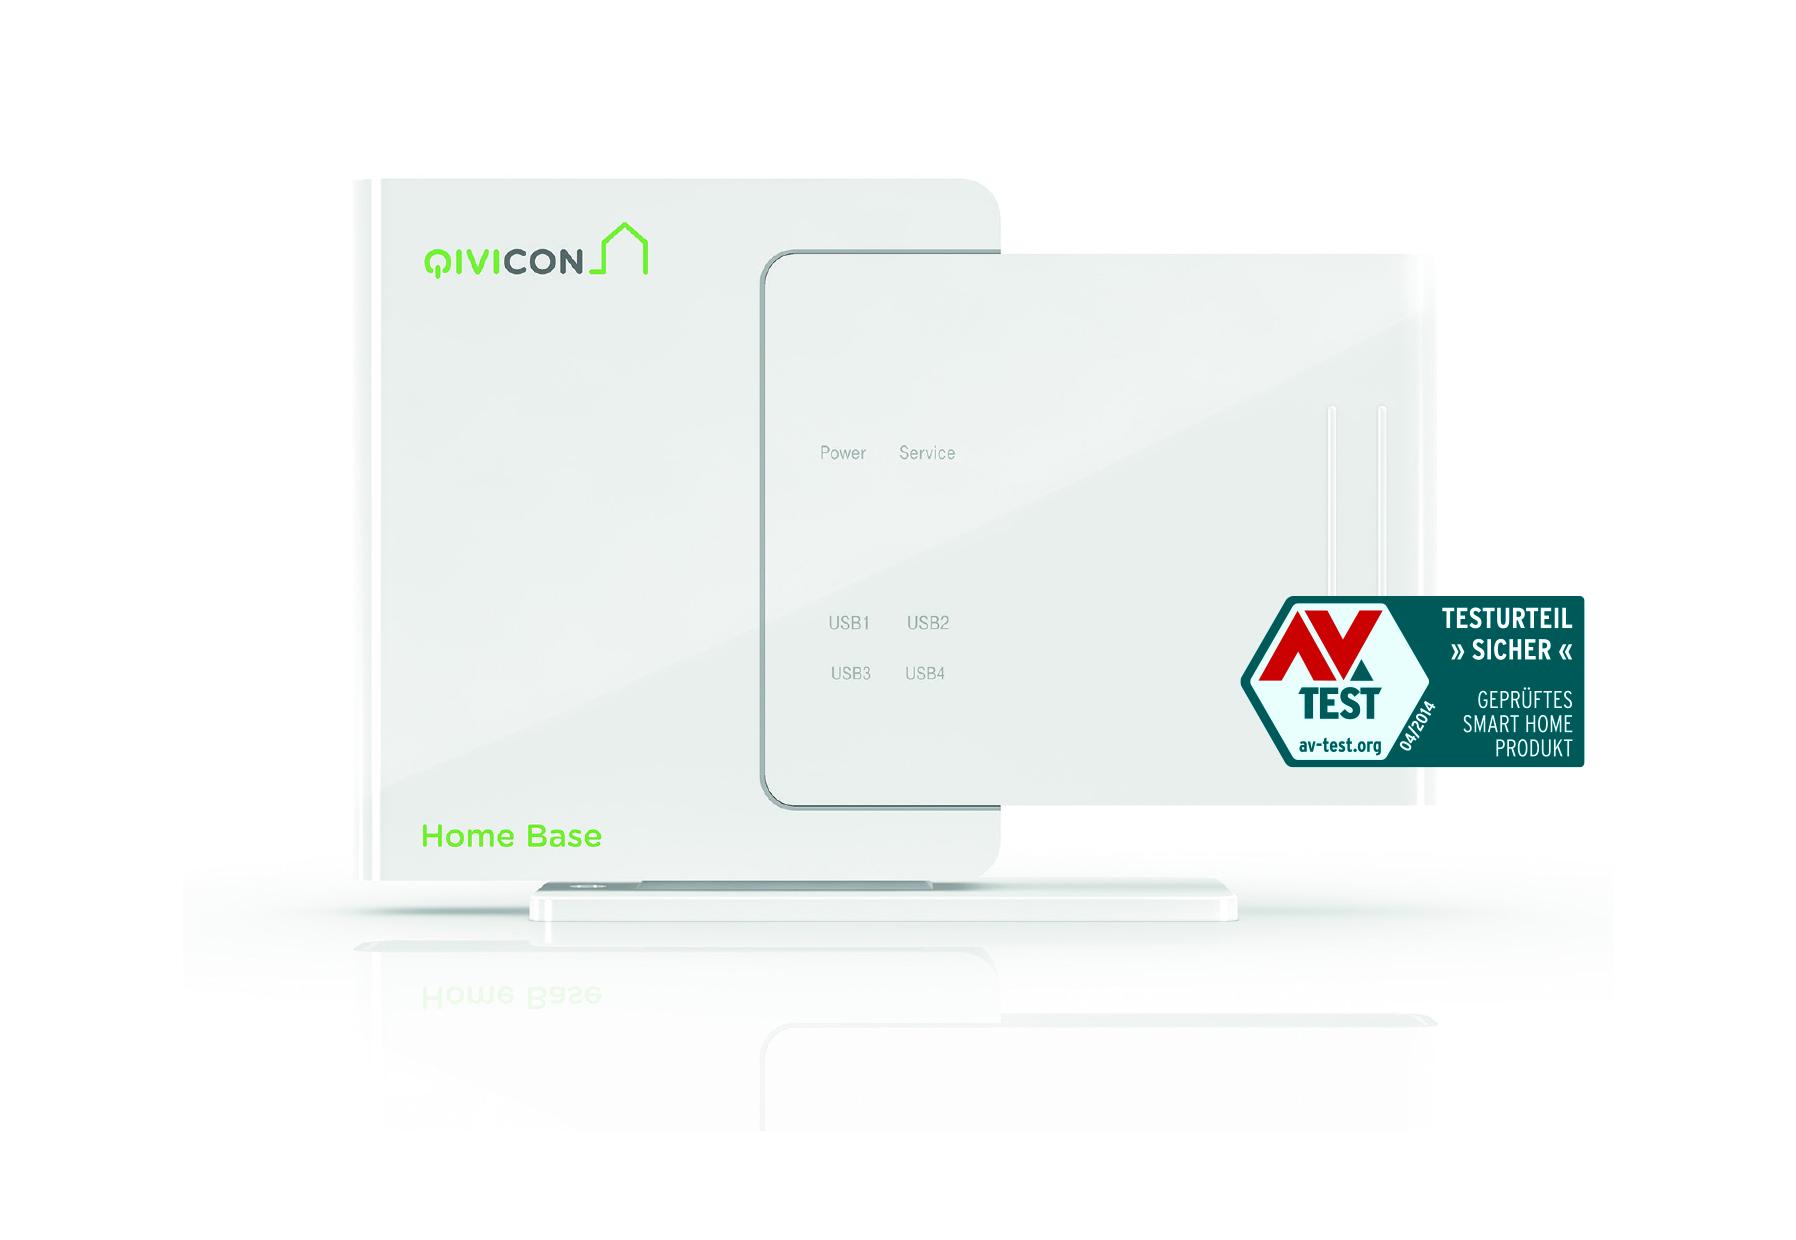 ein einfacher weg zum smart home - telekom smart home